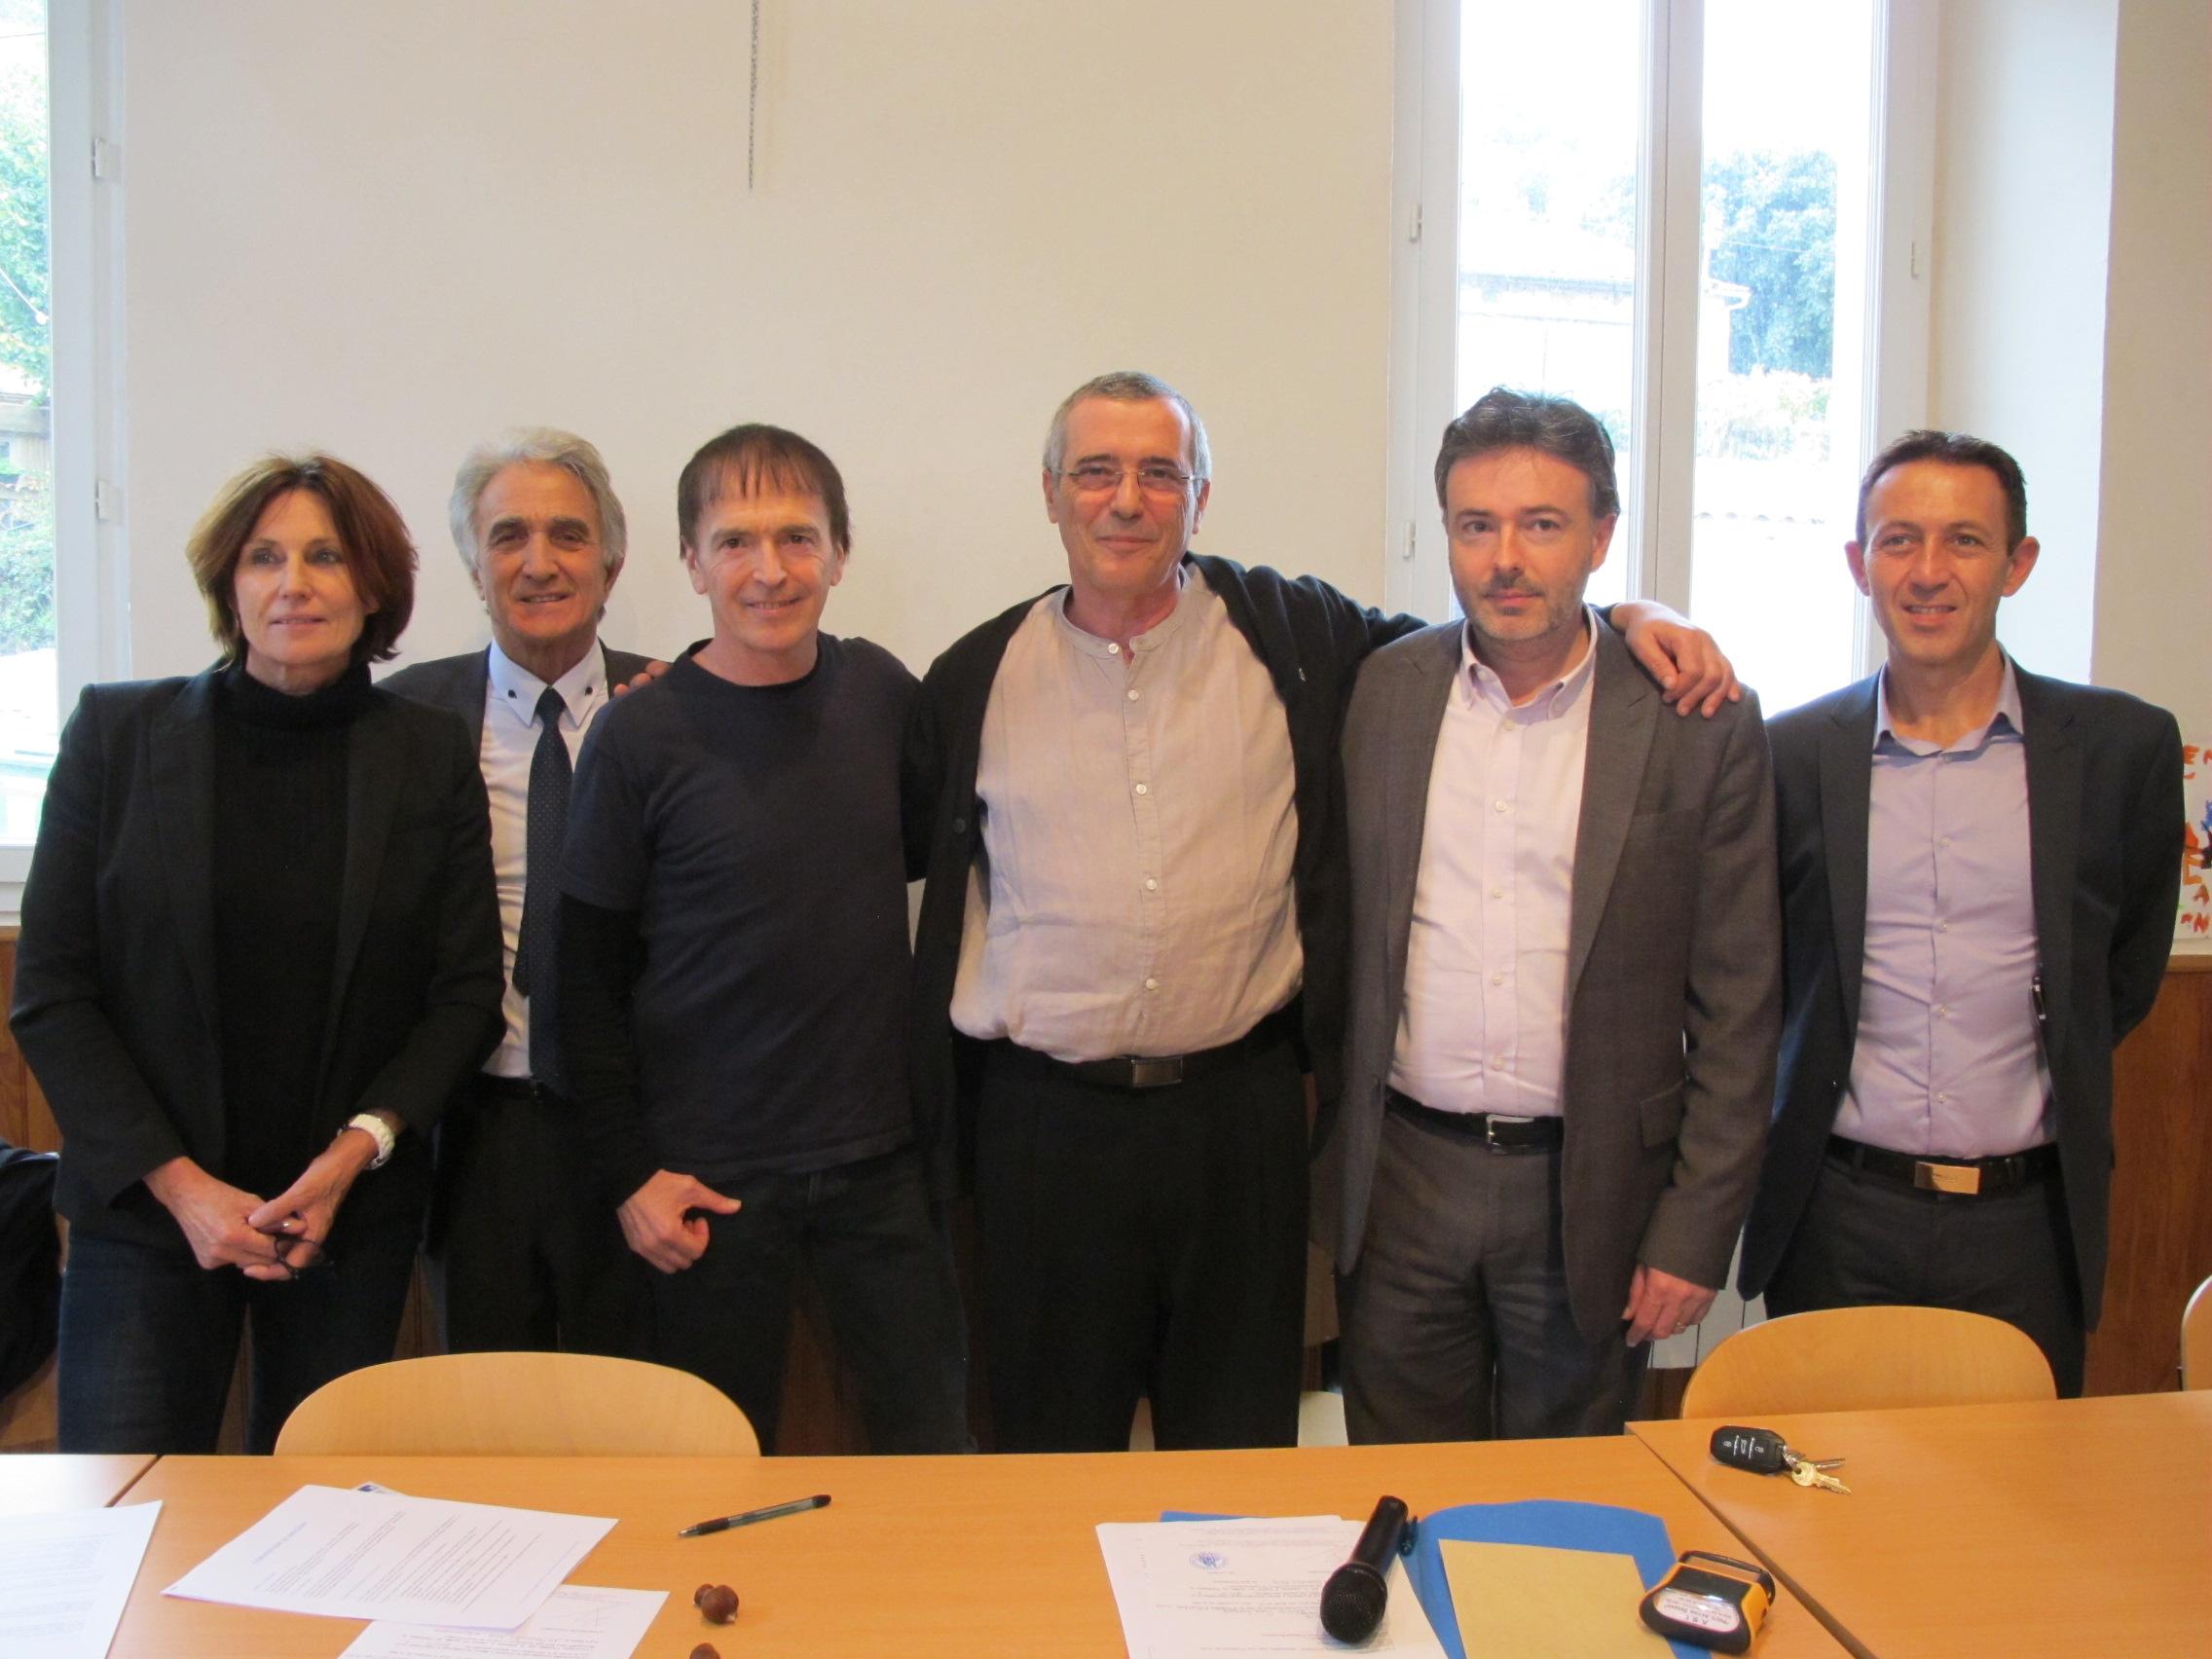 Armelle Sialelli, François Dominici, Jean-François Bernardini, Pierre-François Bellini, Jean-Louis Luciani, Noël Sarrola